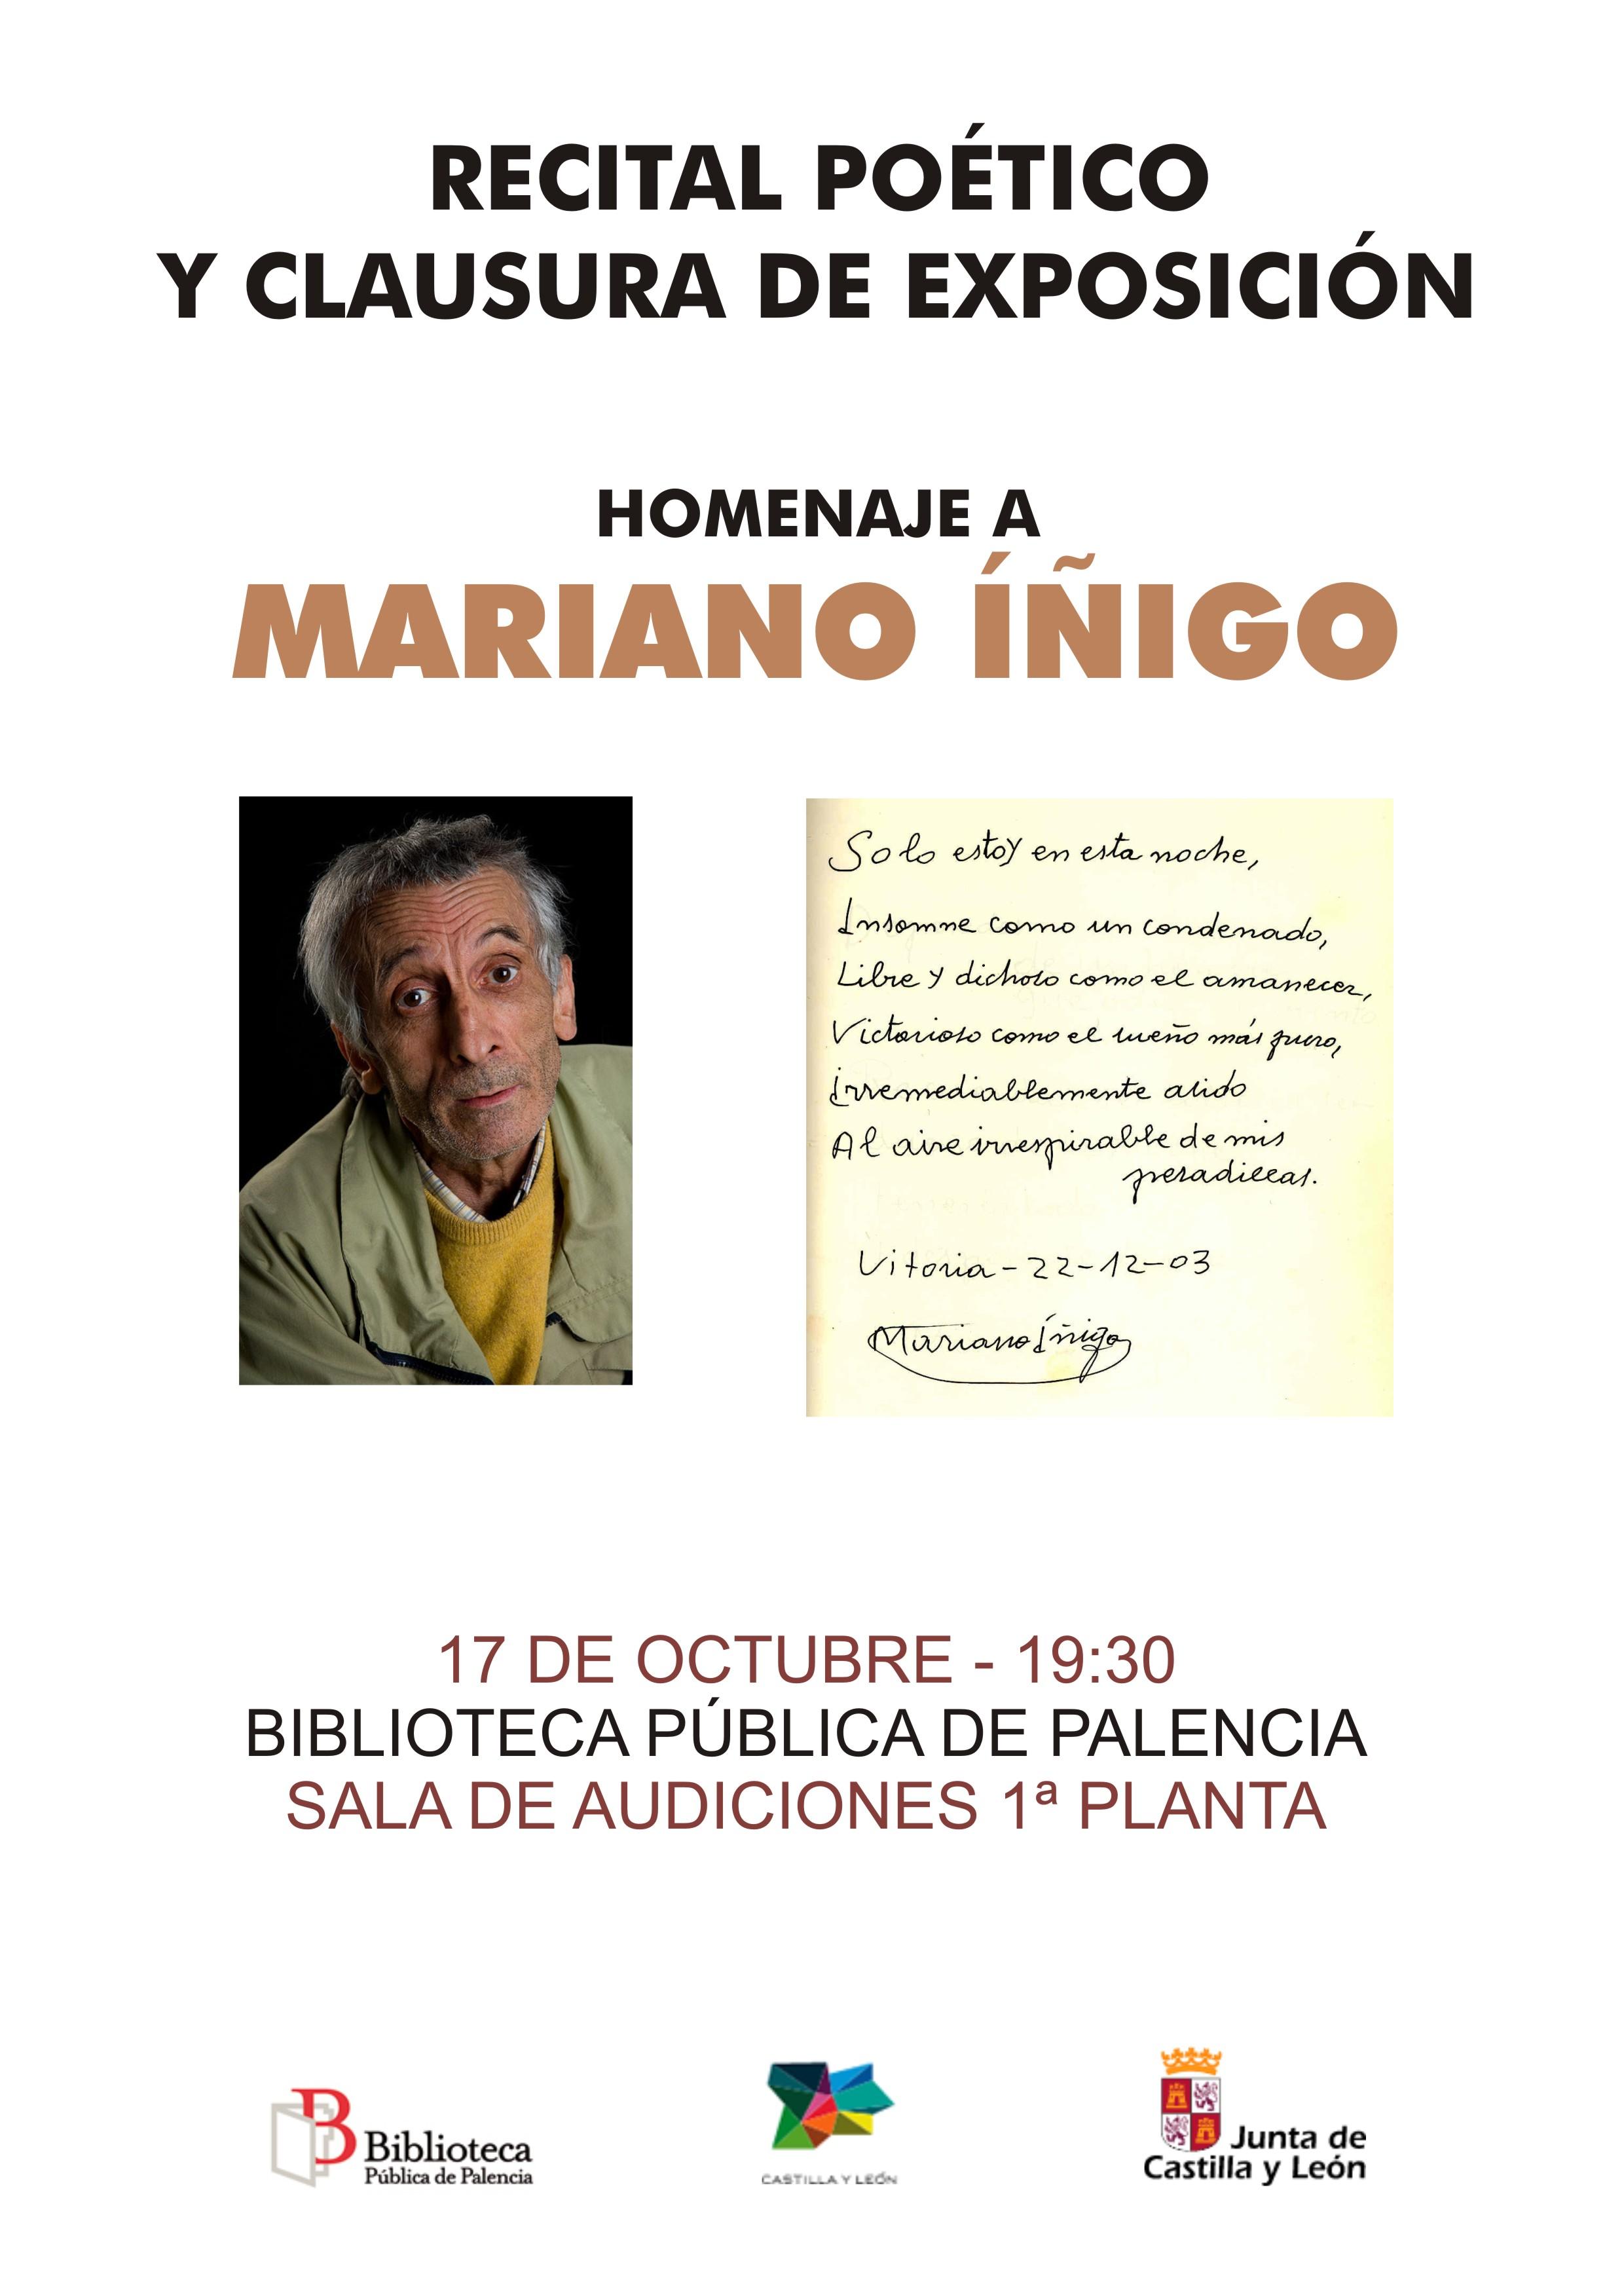 Recital poético y clausura de exposición homenaje a Mariano Íñigo